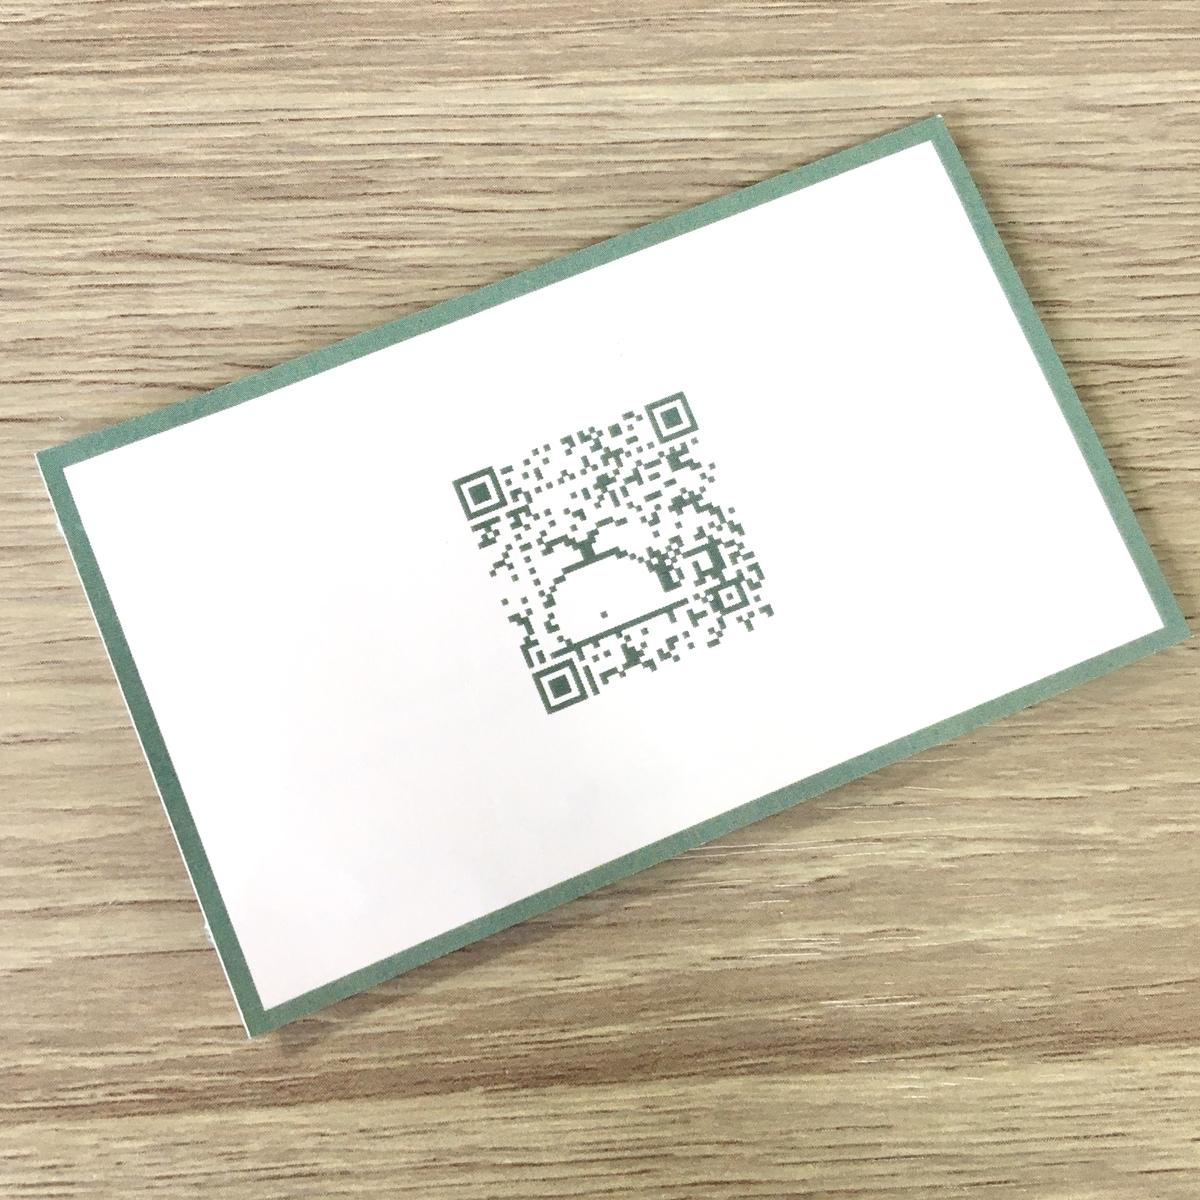 f:id:kumoi-kujira:20200324115222j:plain